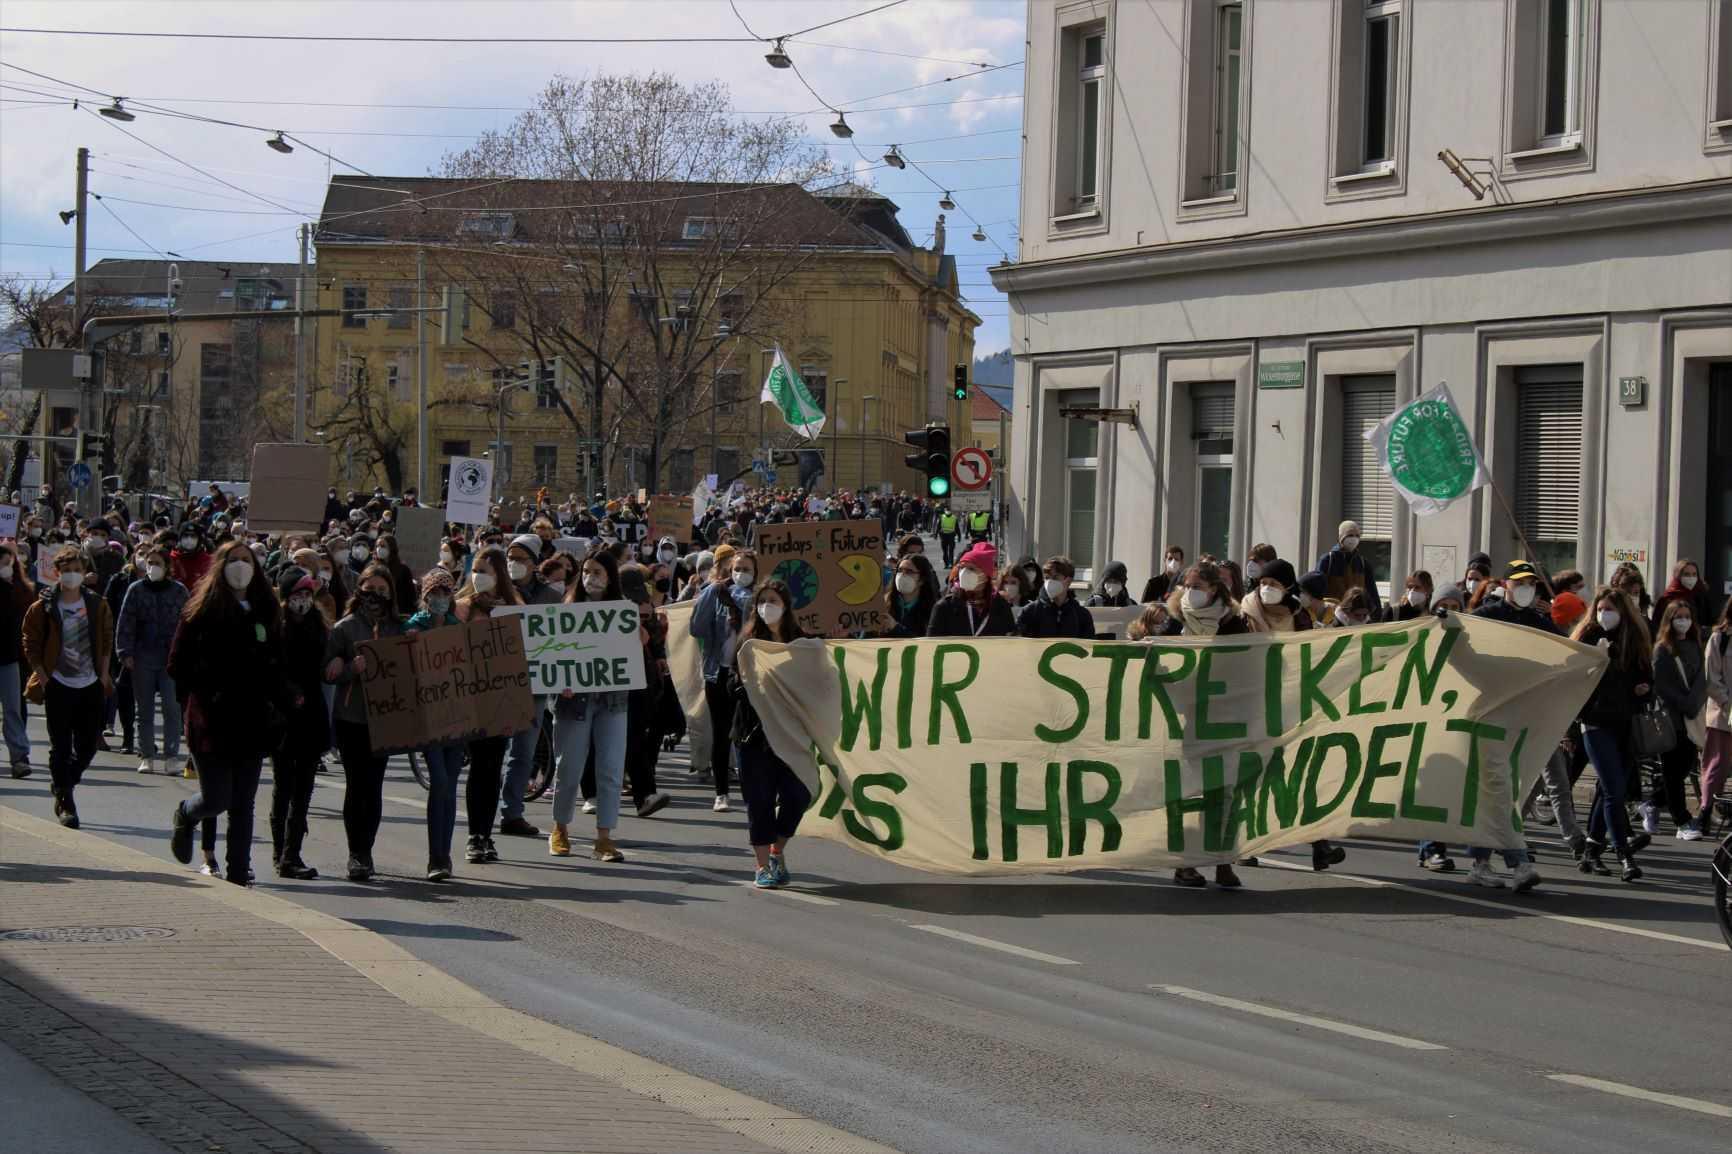 Junge Menschen in einem großen Demonstrationszug durch die Grazer Innenstadt mit Streikschildern und Frontbanner: Wir streiken bis ihr handelt